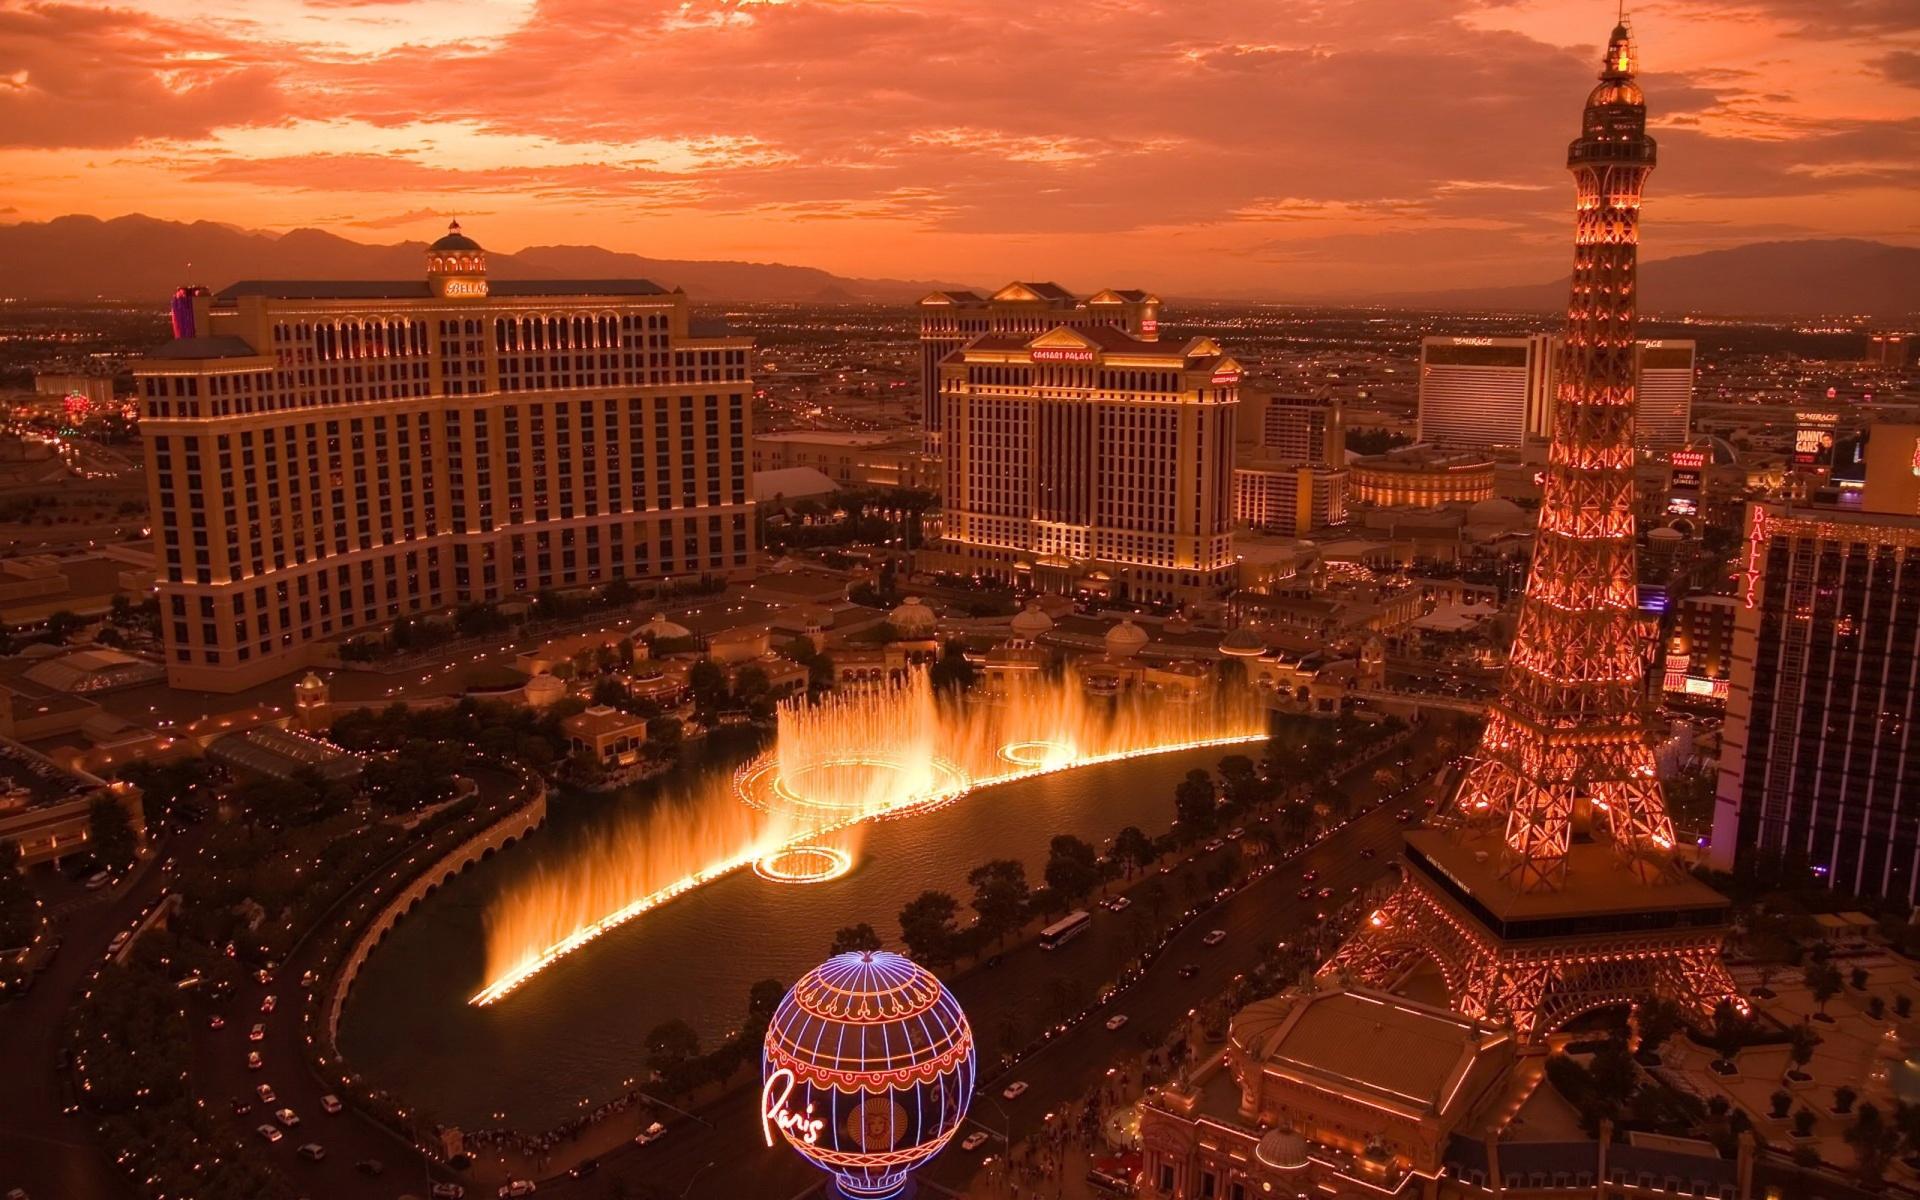 download Las Vegas Strip Wallpaper 1920x1200 [1920x1200] for 1920x1200